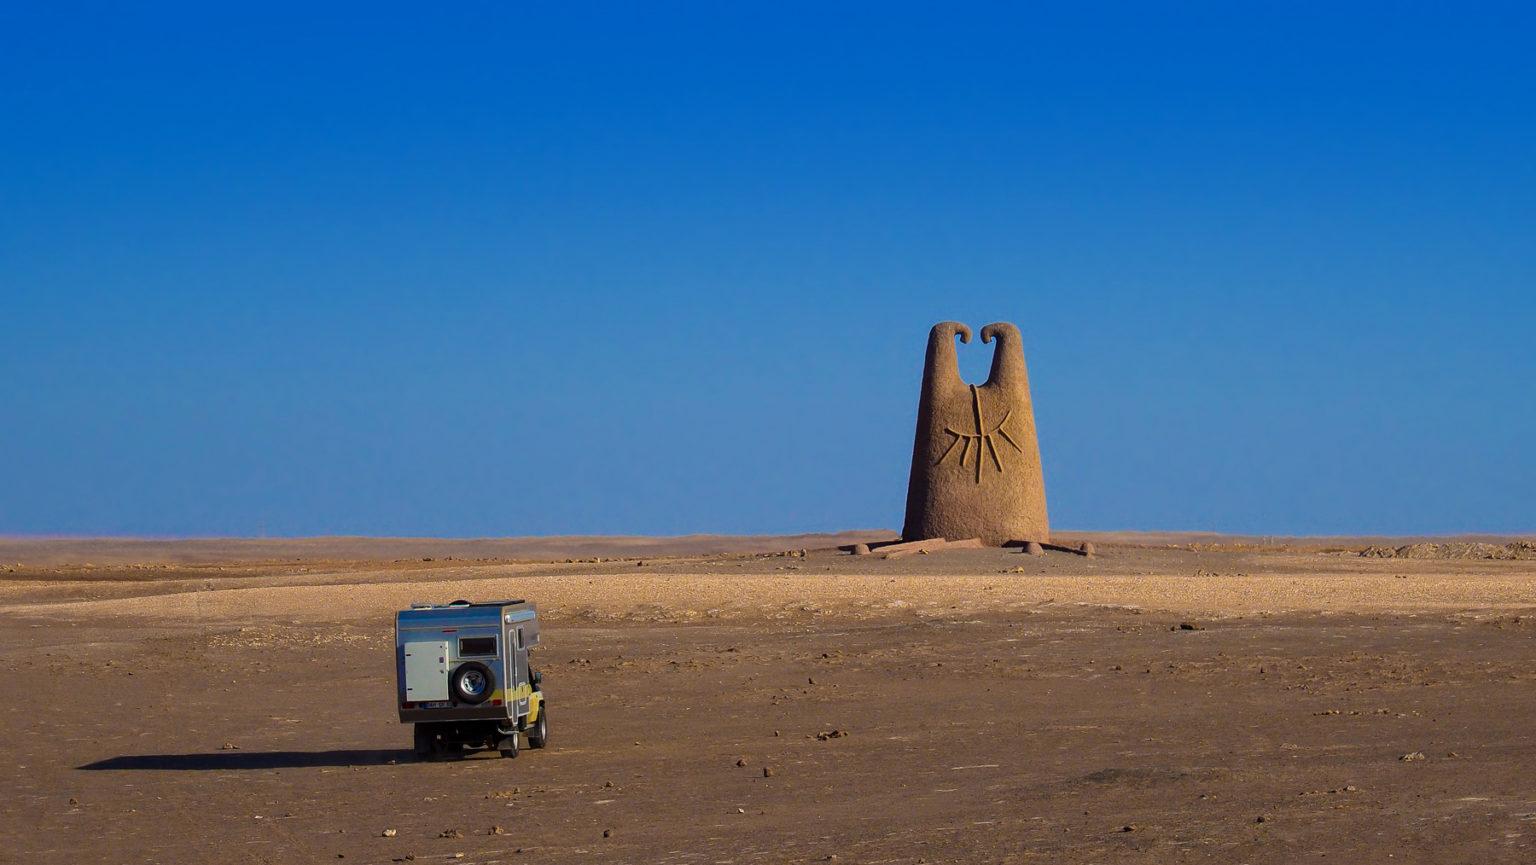 In der Nähe von Arica in der Wüste Chiles